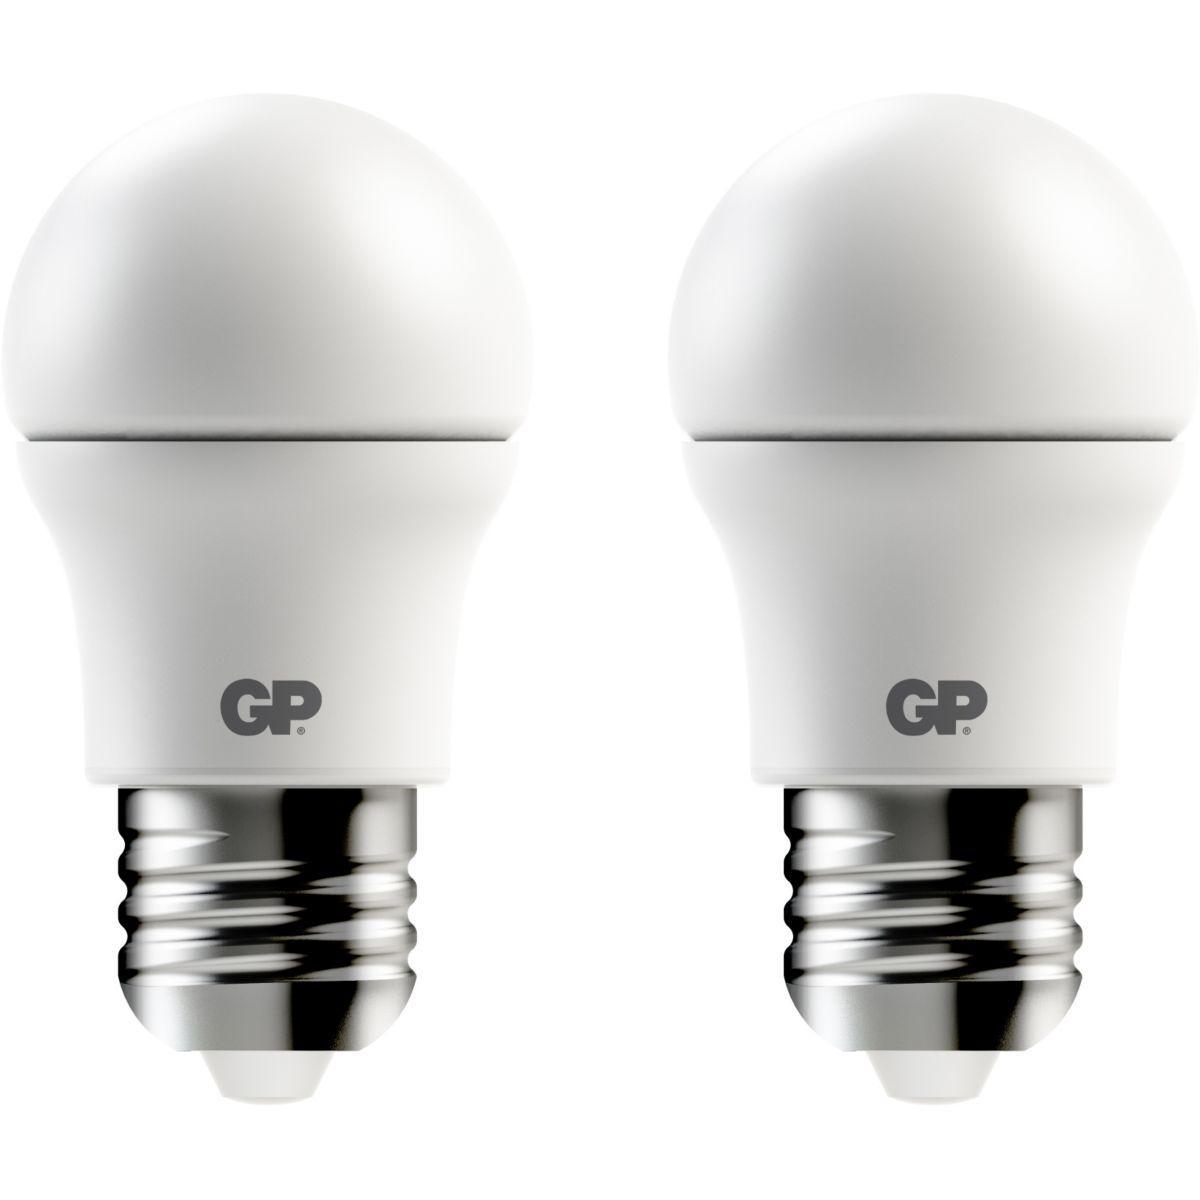 Ampoule gp led classic e27-6w x2 - 3% de remise immédiate avec le code : multi3